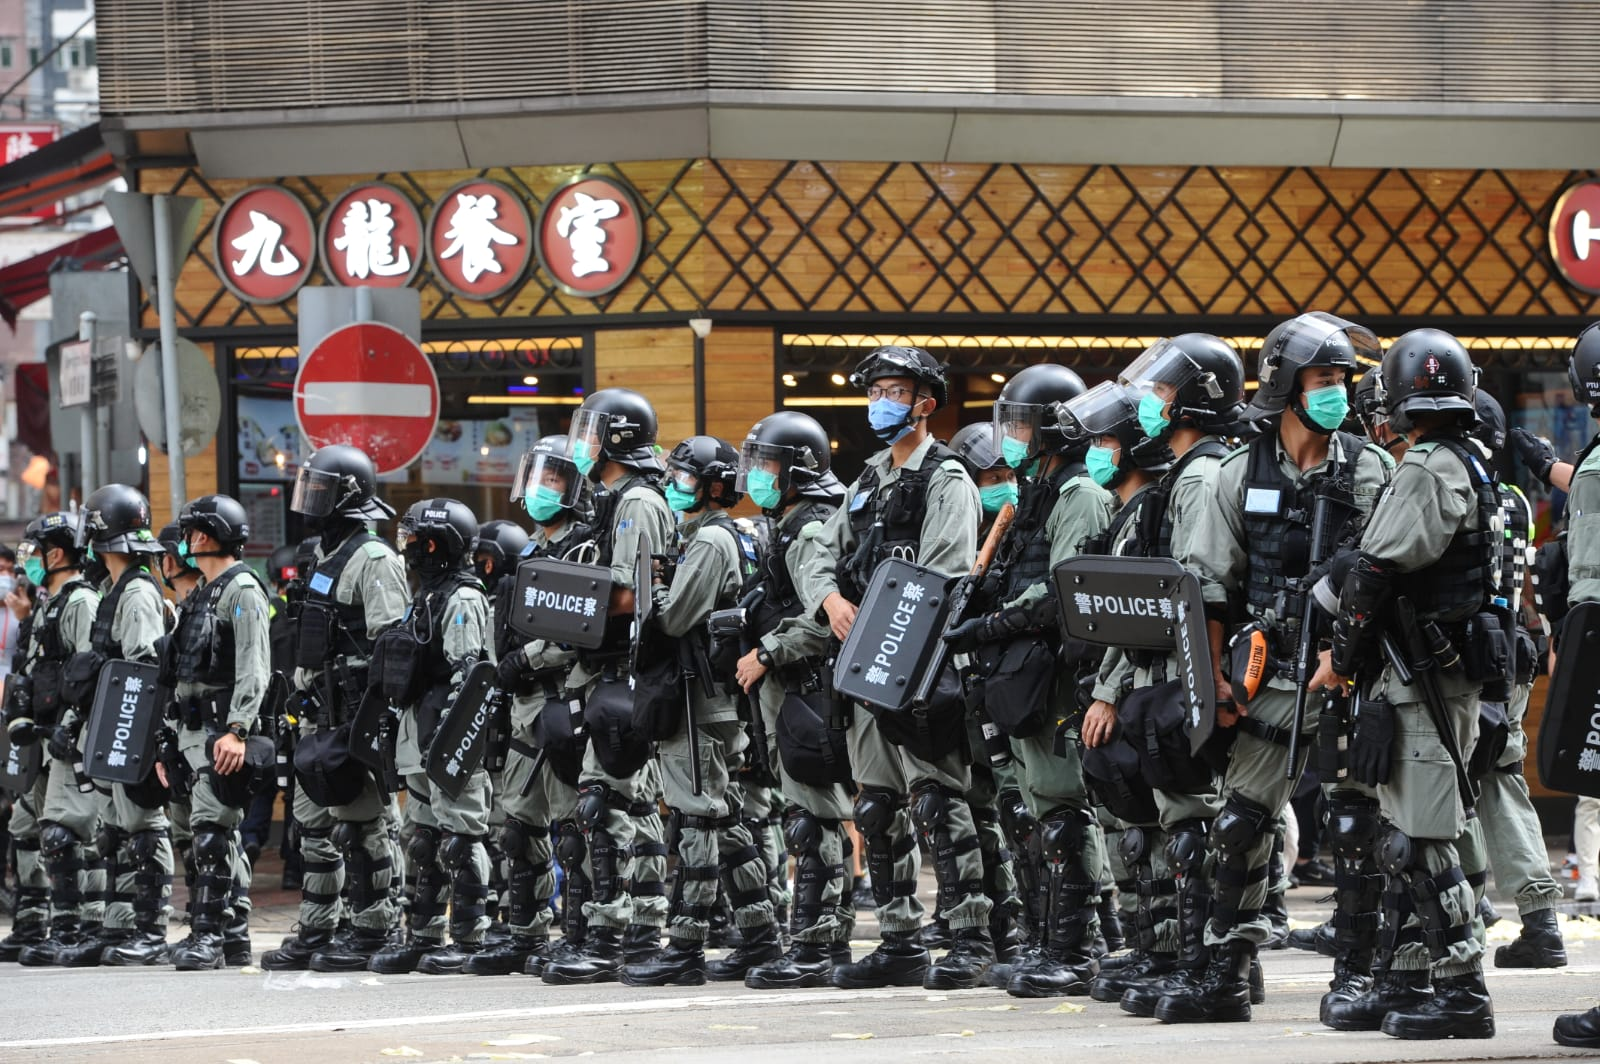 2020年7月9日,澳洲外交部再次升級旅行警告,建議仍留在香港的澳人應考慮離開這座城市。圖為2020年7月1日,香港防暴警察。(宋碧龍/大紀元)